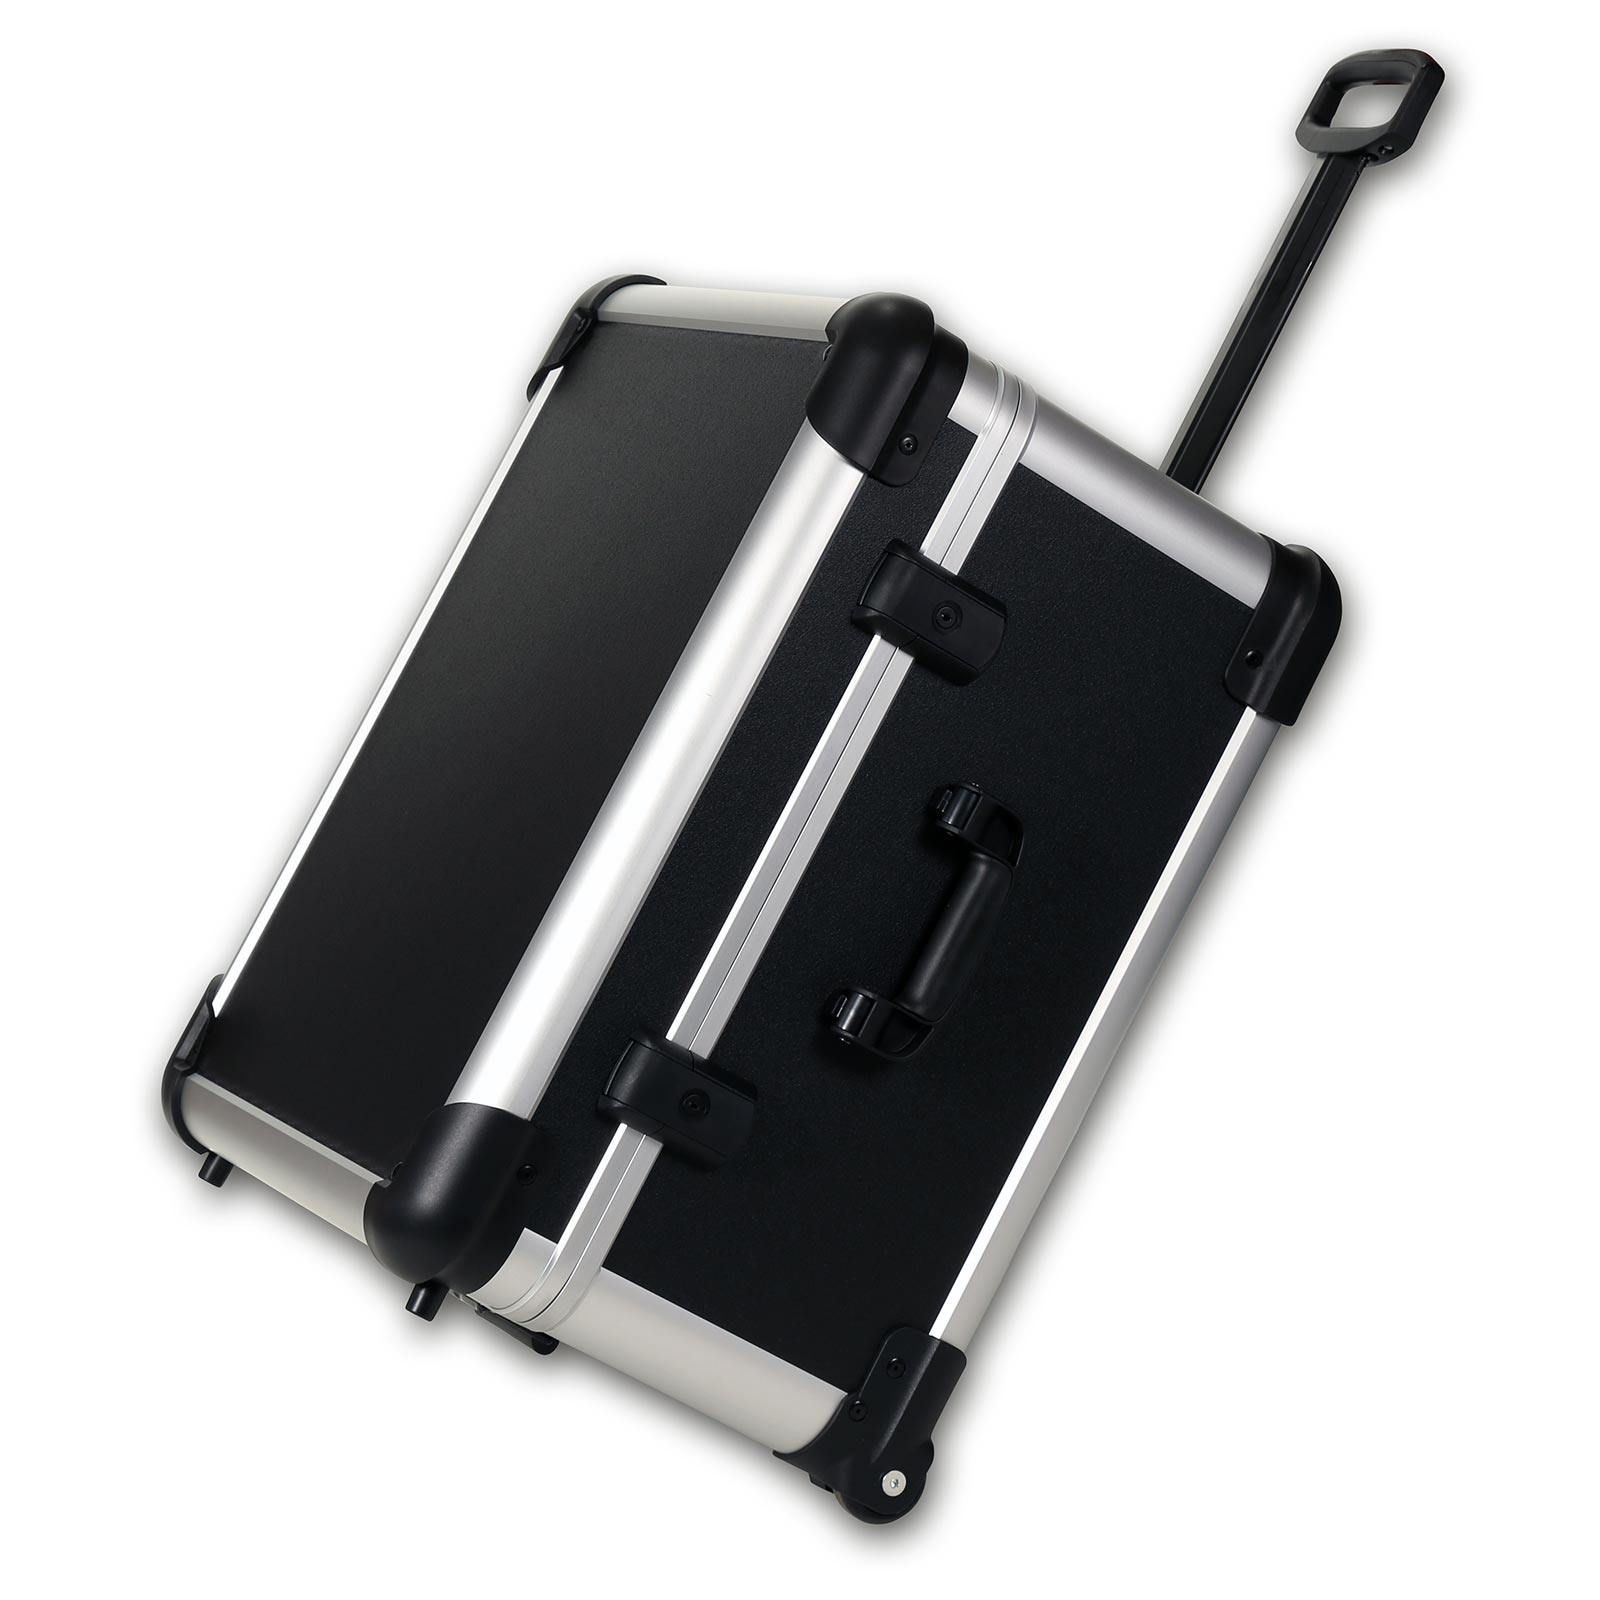 bwh Koffer CoolCase Transportkoffer M mit 4 Rollen - Schwarz 51200